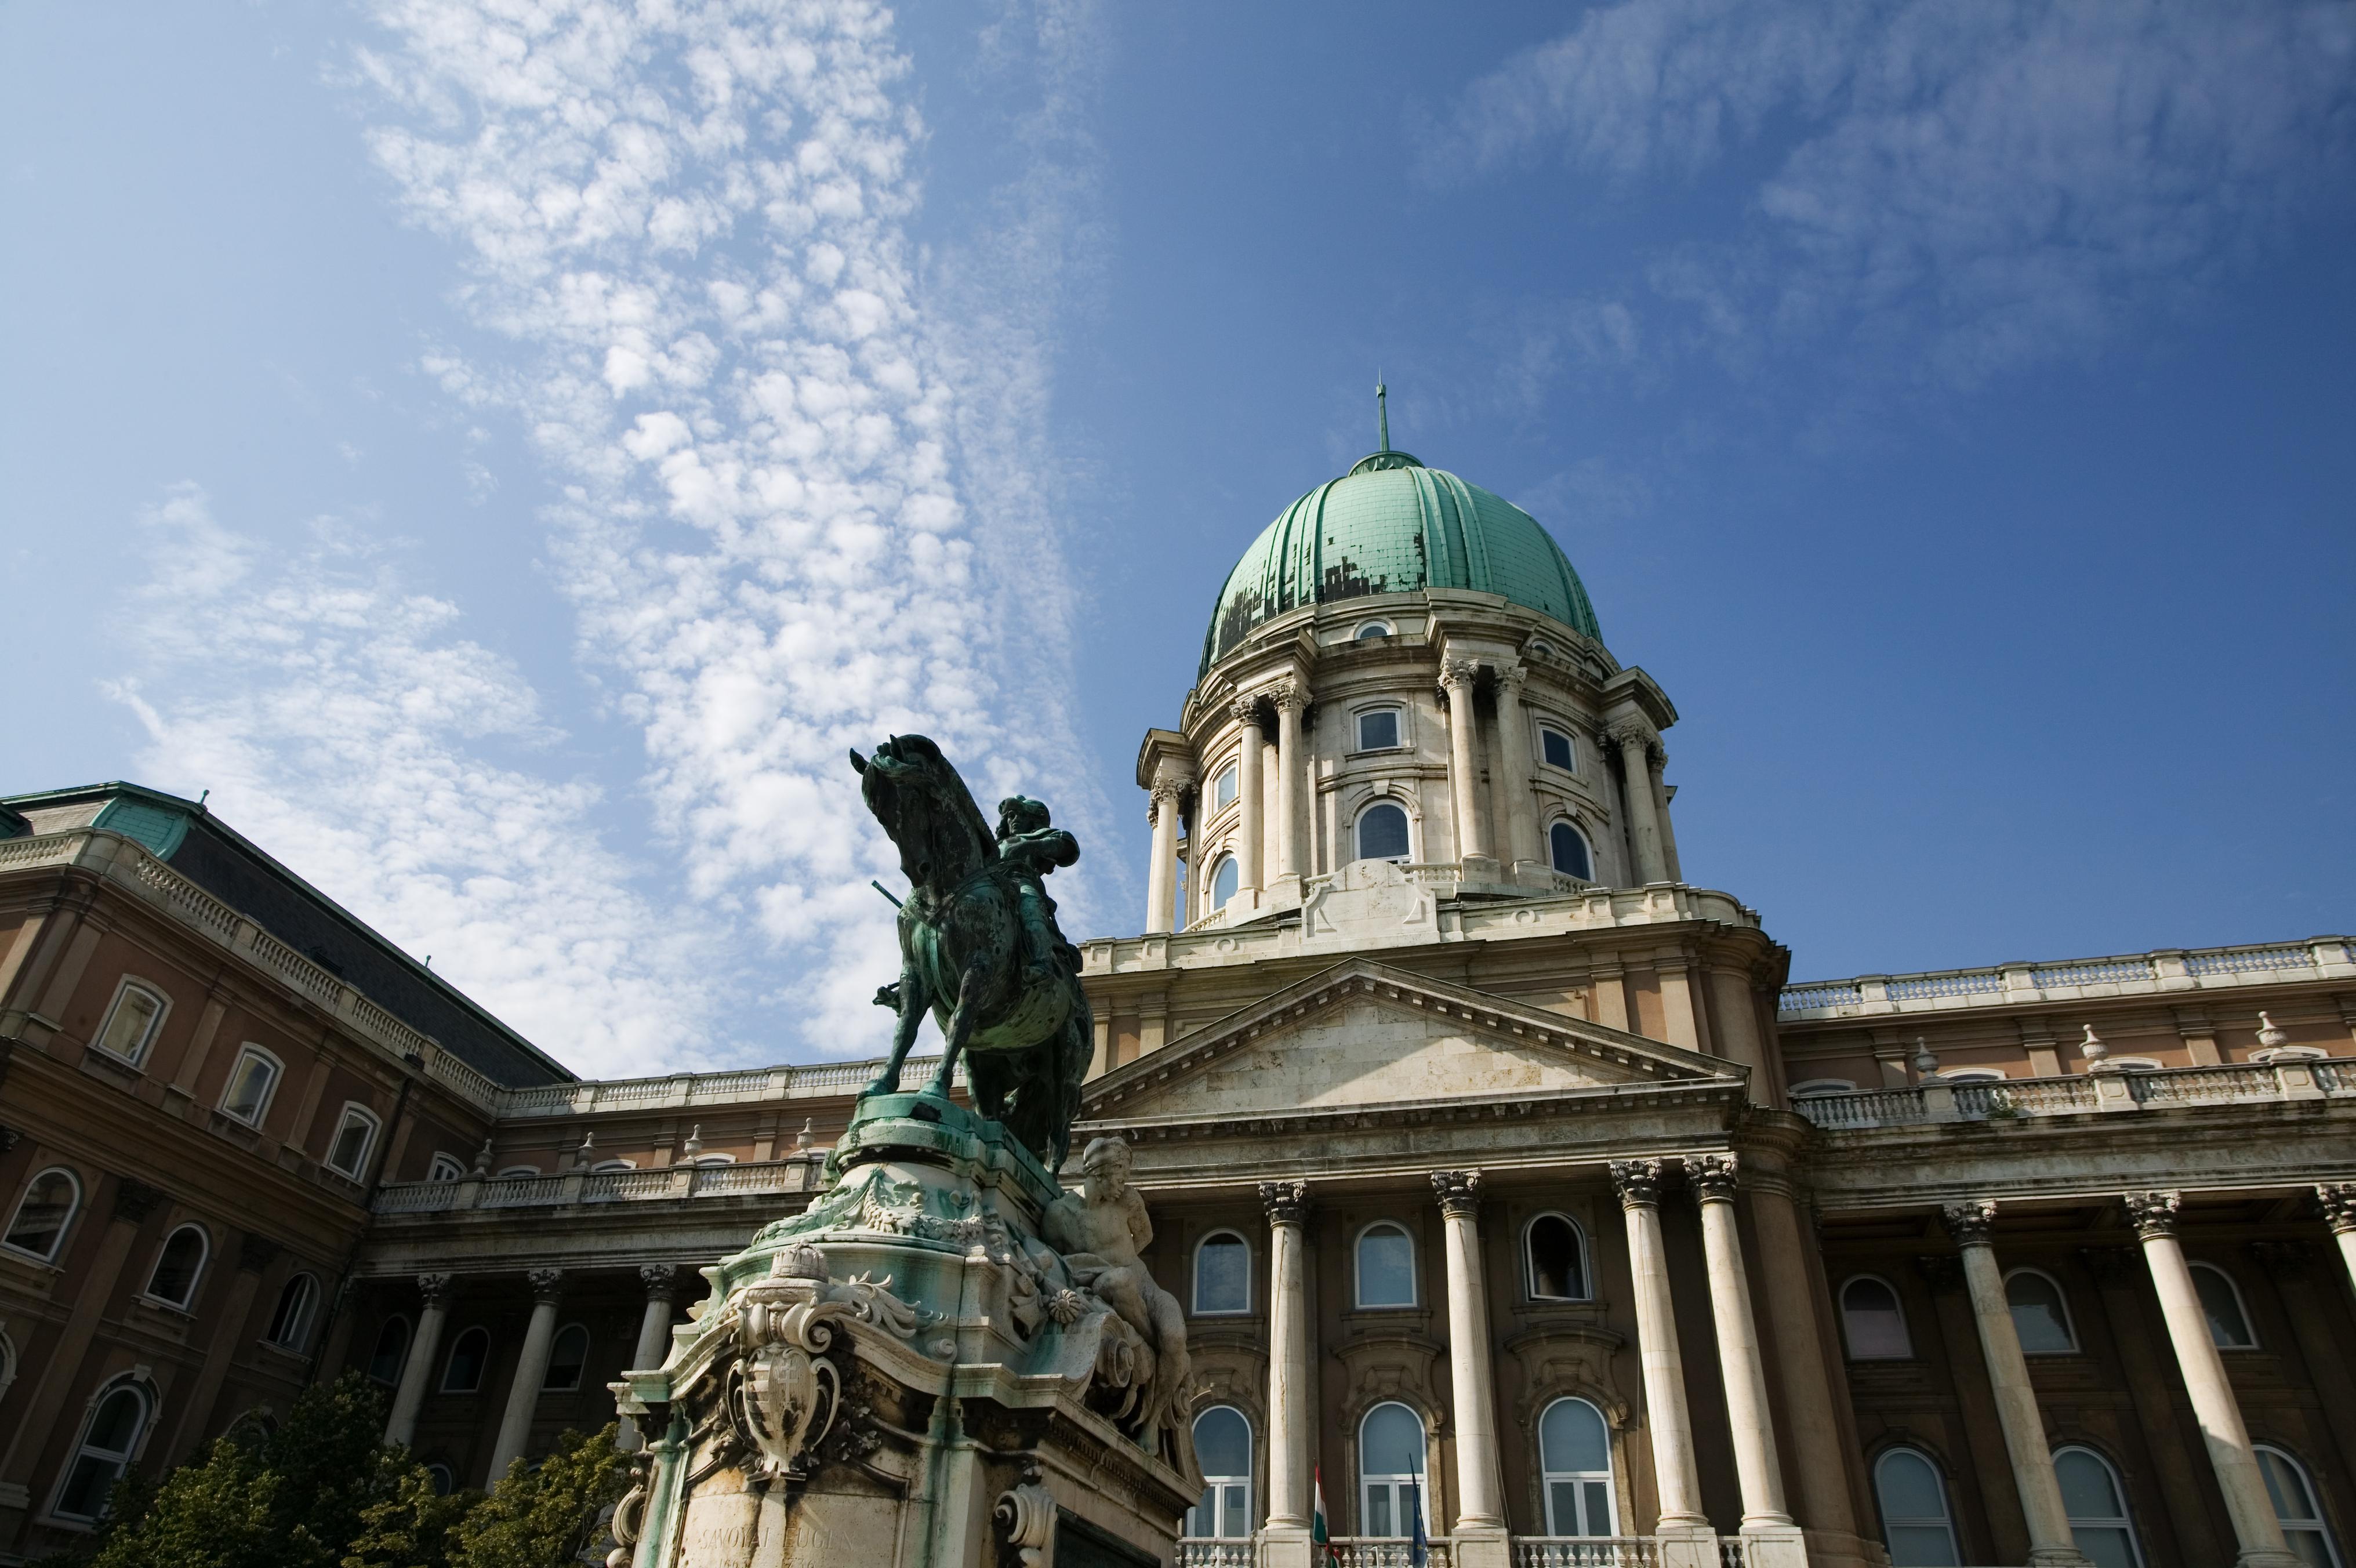 Captura la instantánea perfecta de Budapest desde el Palacio Real - Alemania Circuito Berlín y Europa Imperial